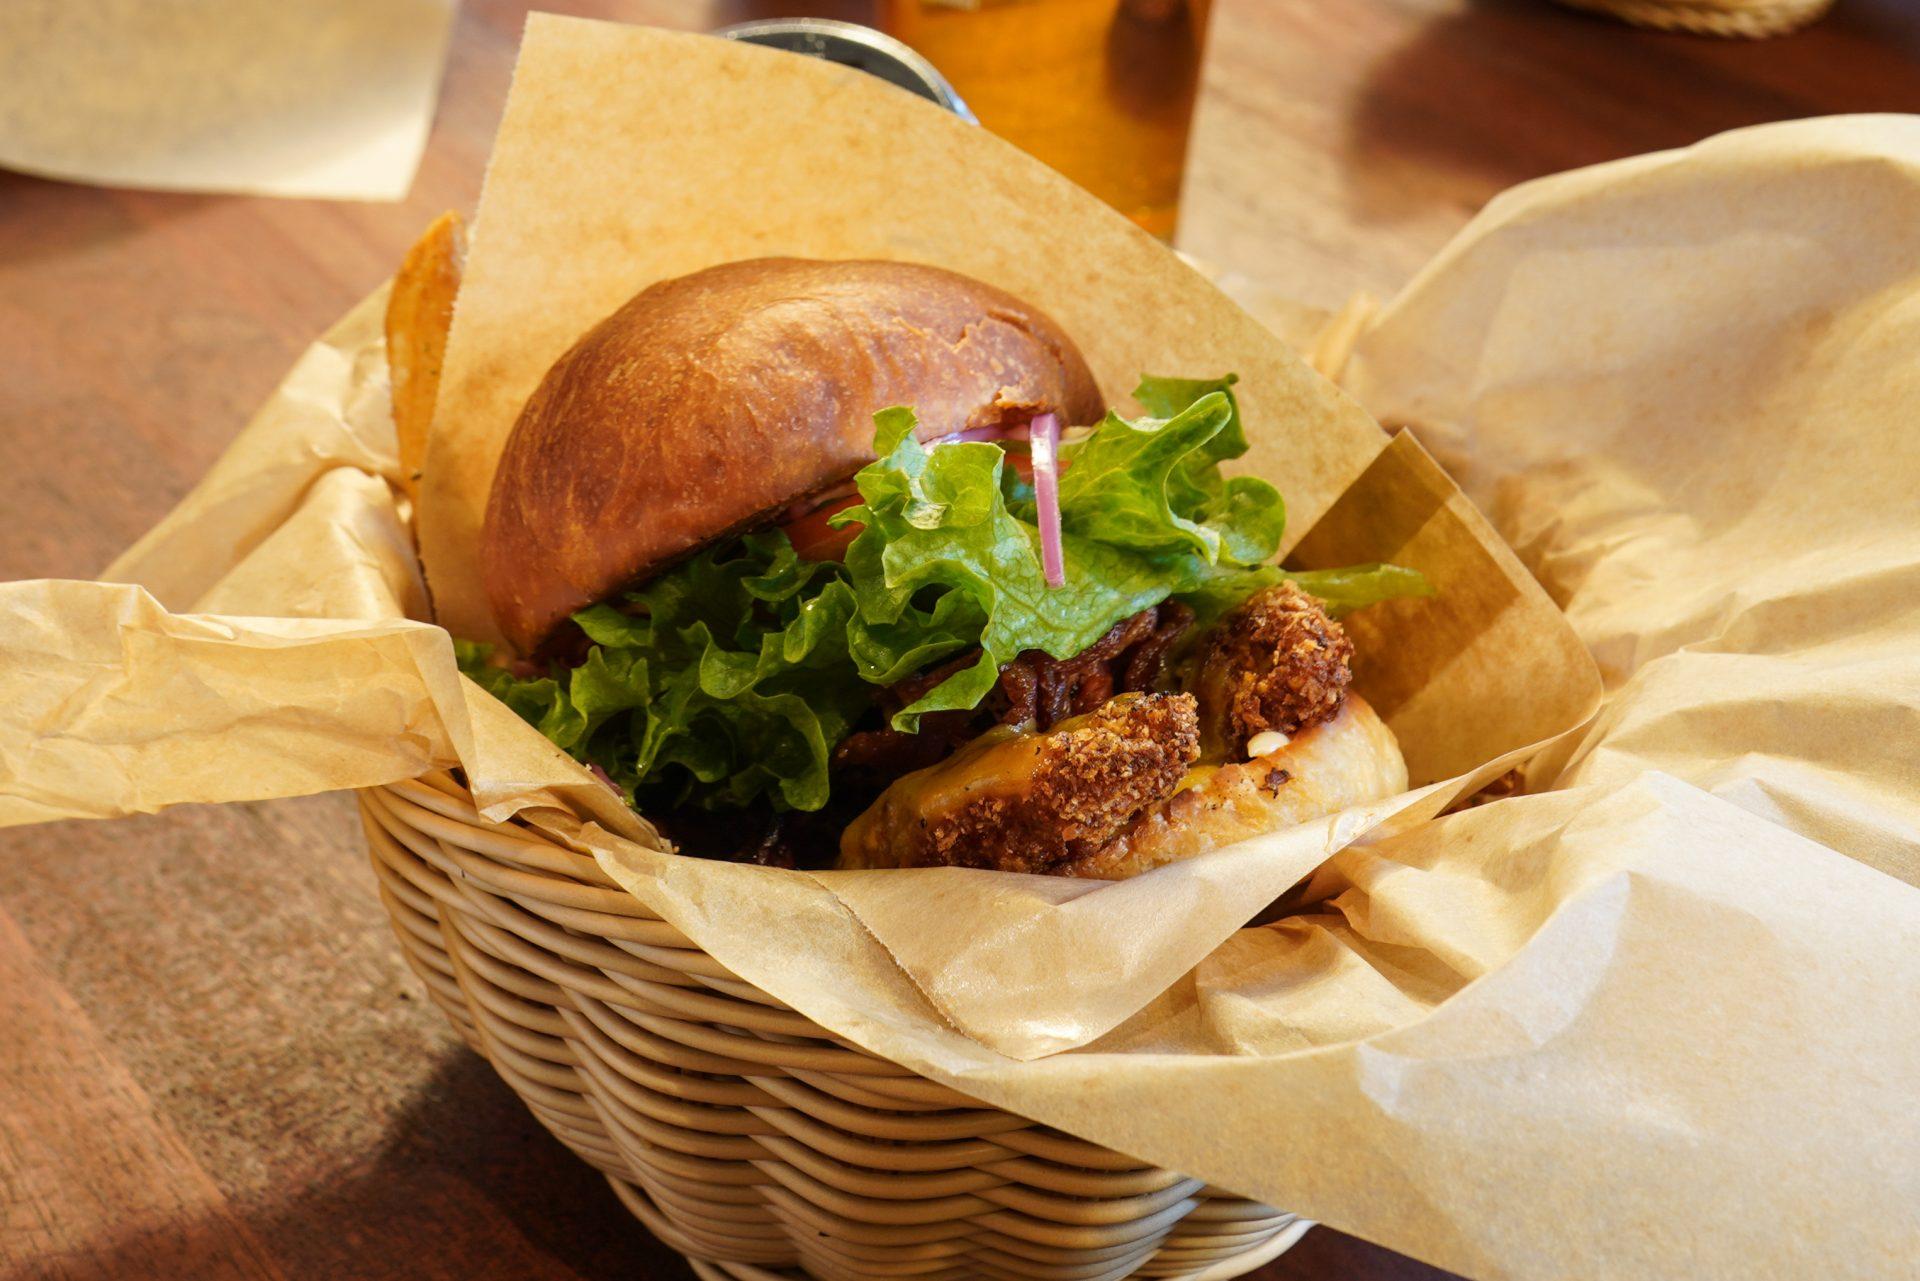 Den hemmelige madhule: Waxies laver gennemførte hjemmelavede burger